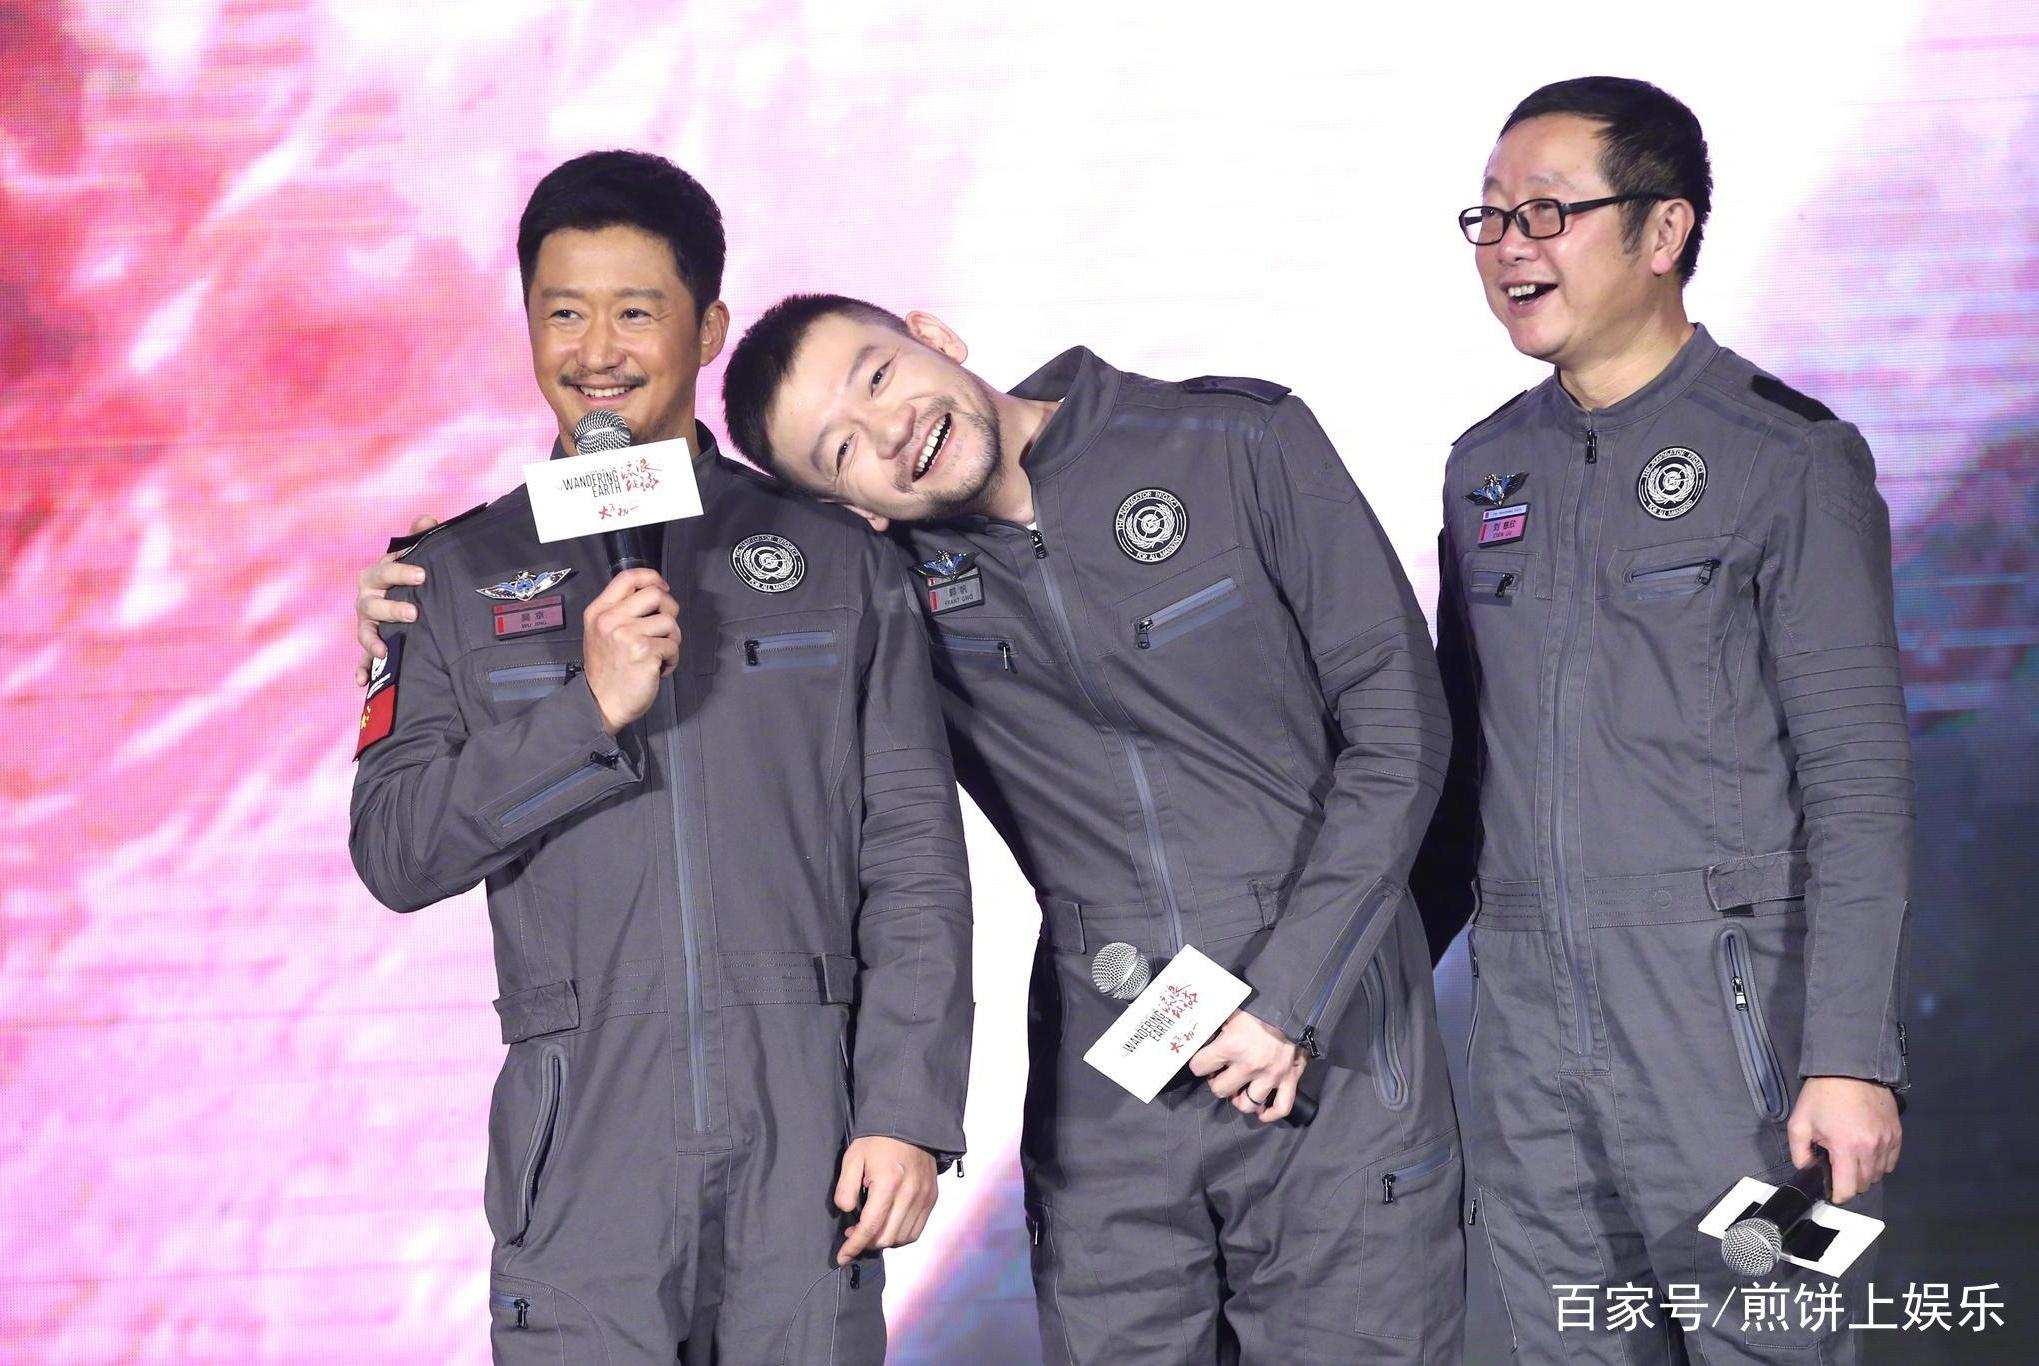 《流浪地球》票房涨到45.8亿,北大教授怒批:谁让你代表中国了